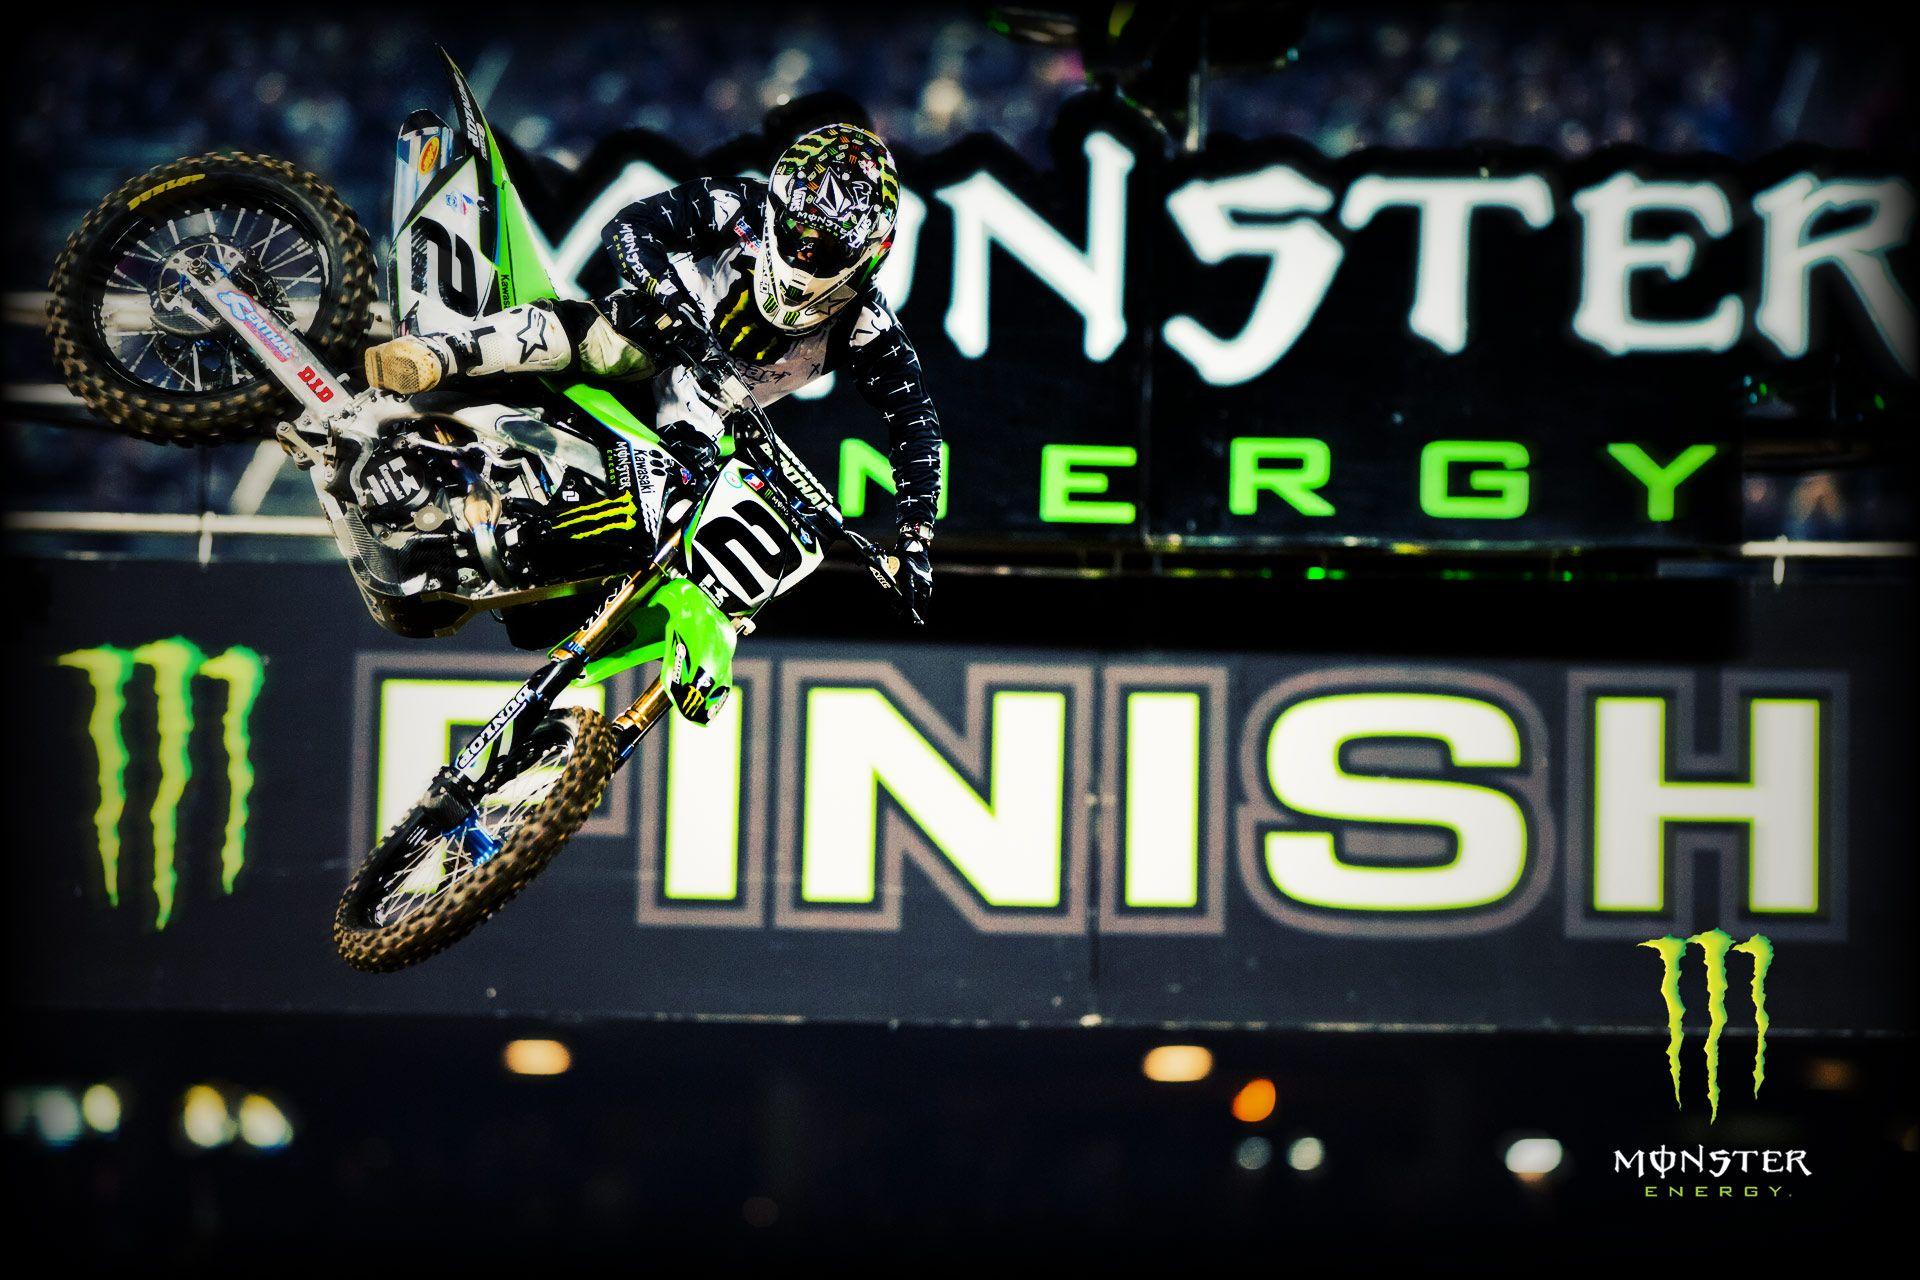 Monster Energy Wallpapers From LA Supercross